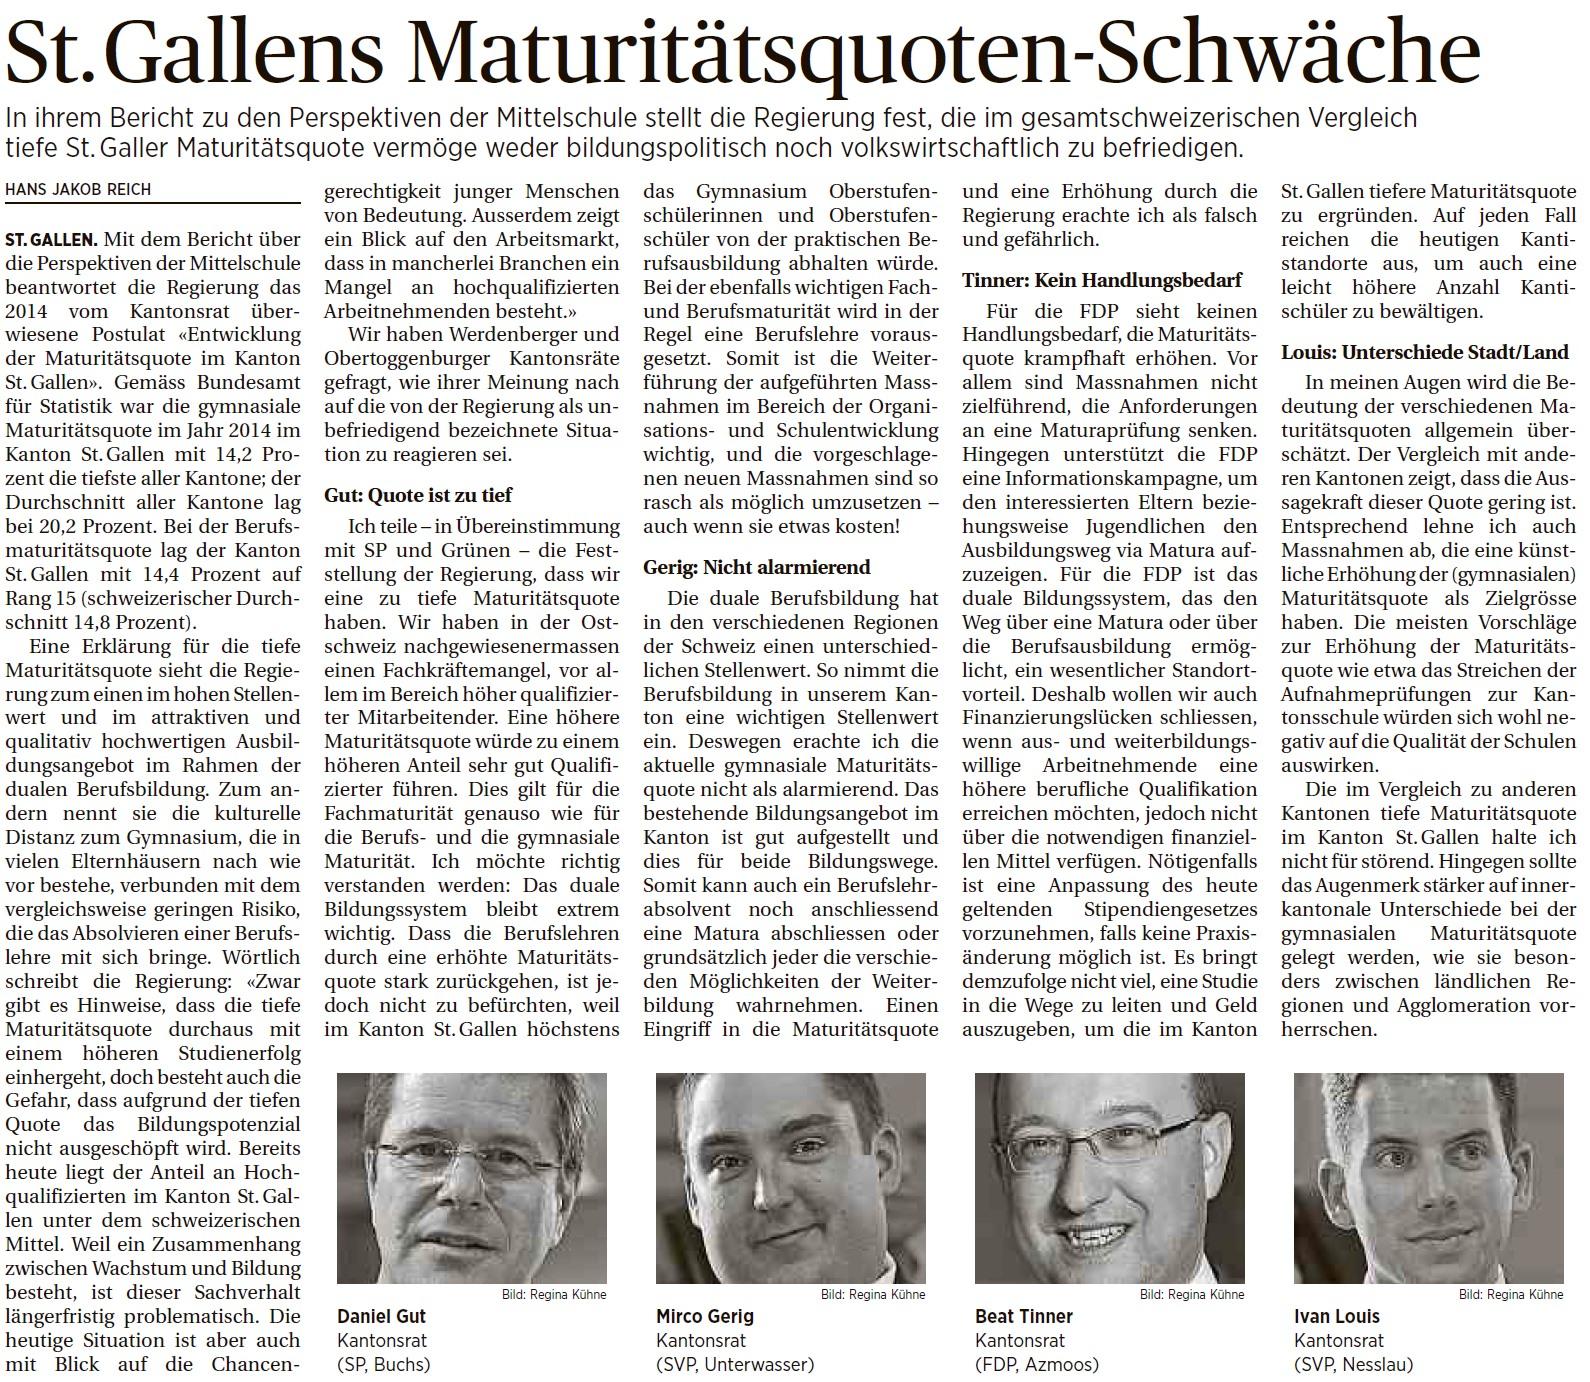 St. Gallens Maturitätsquoten-Schwäche (Dienstag, 26.04.2016)